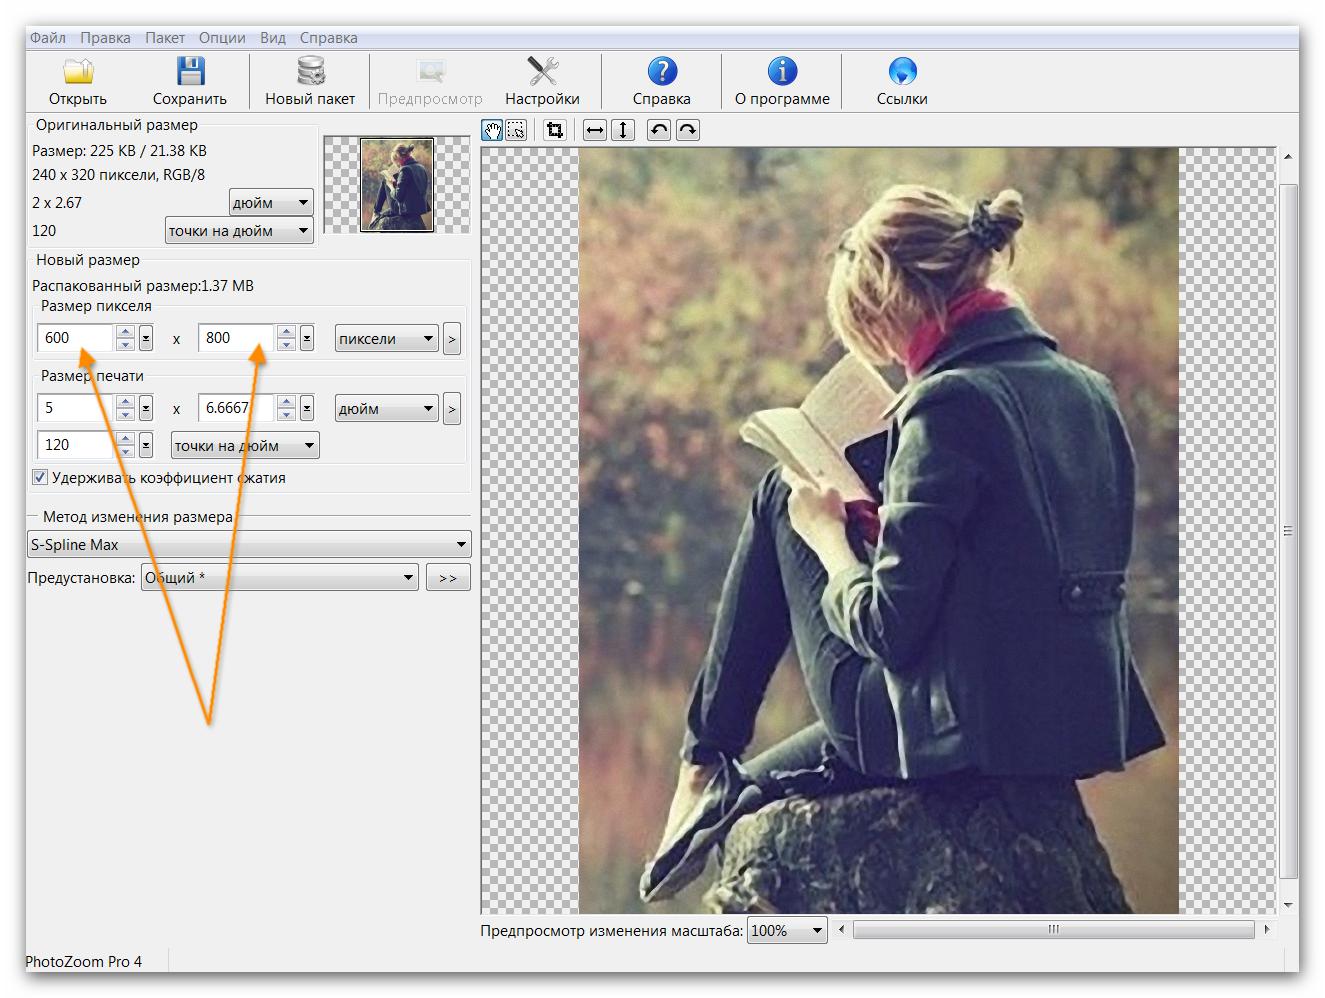 Как увеличить фото в Фотошопе без потери качества 51